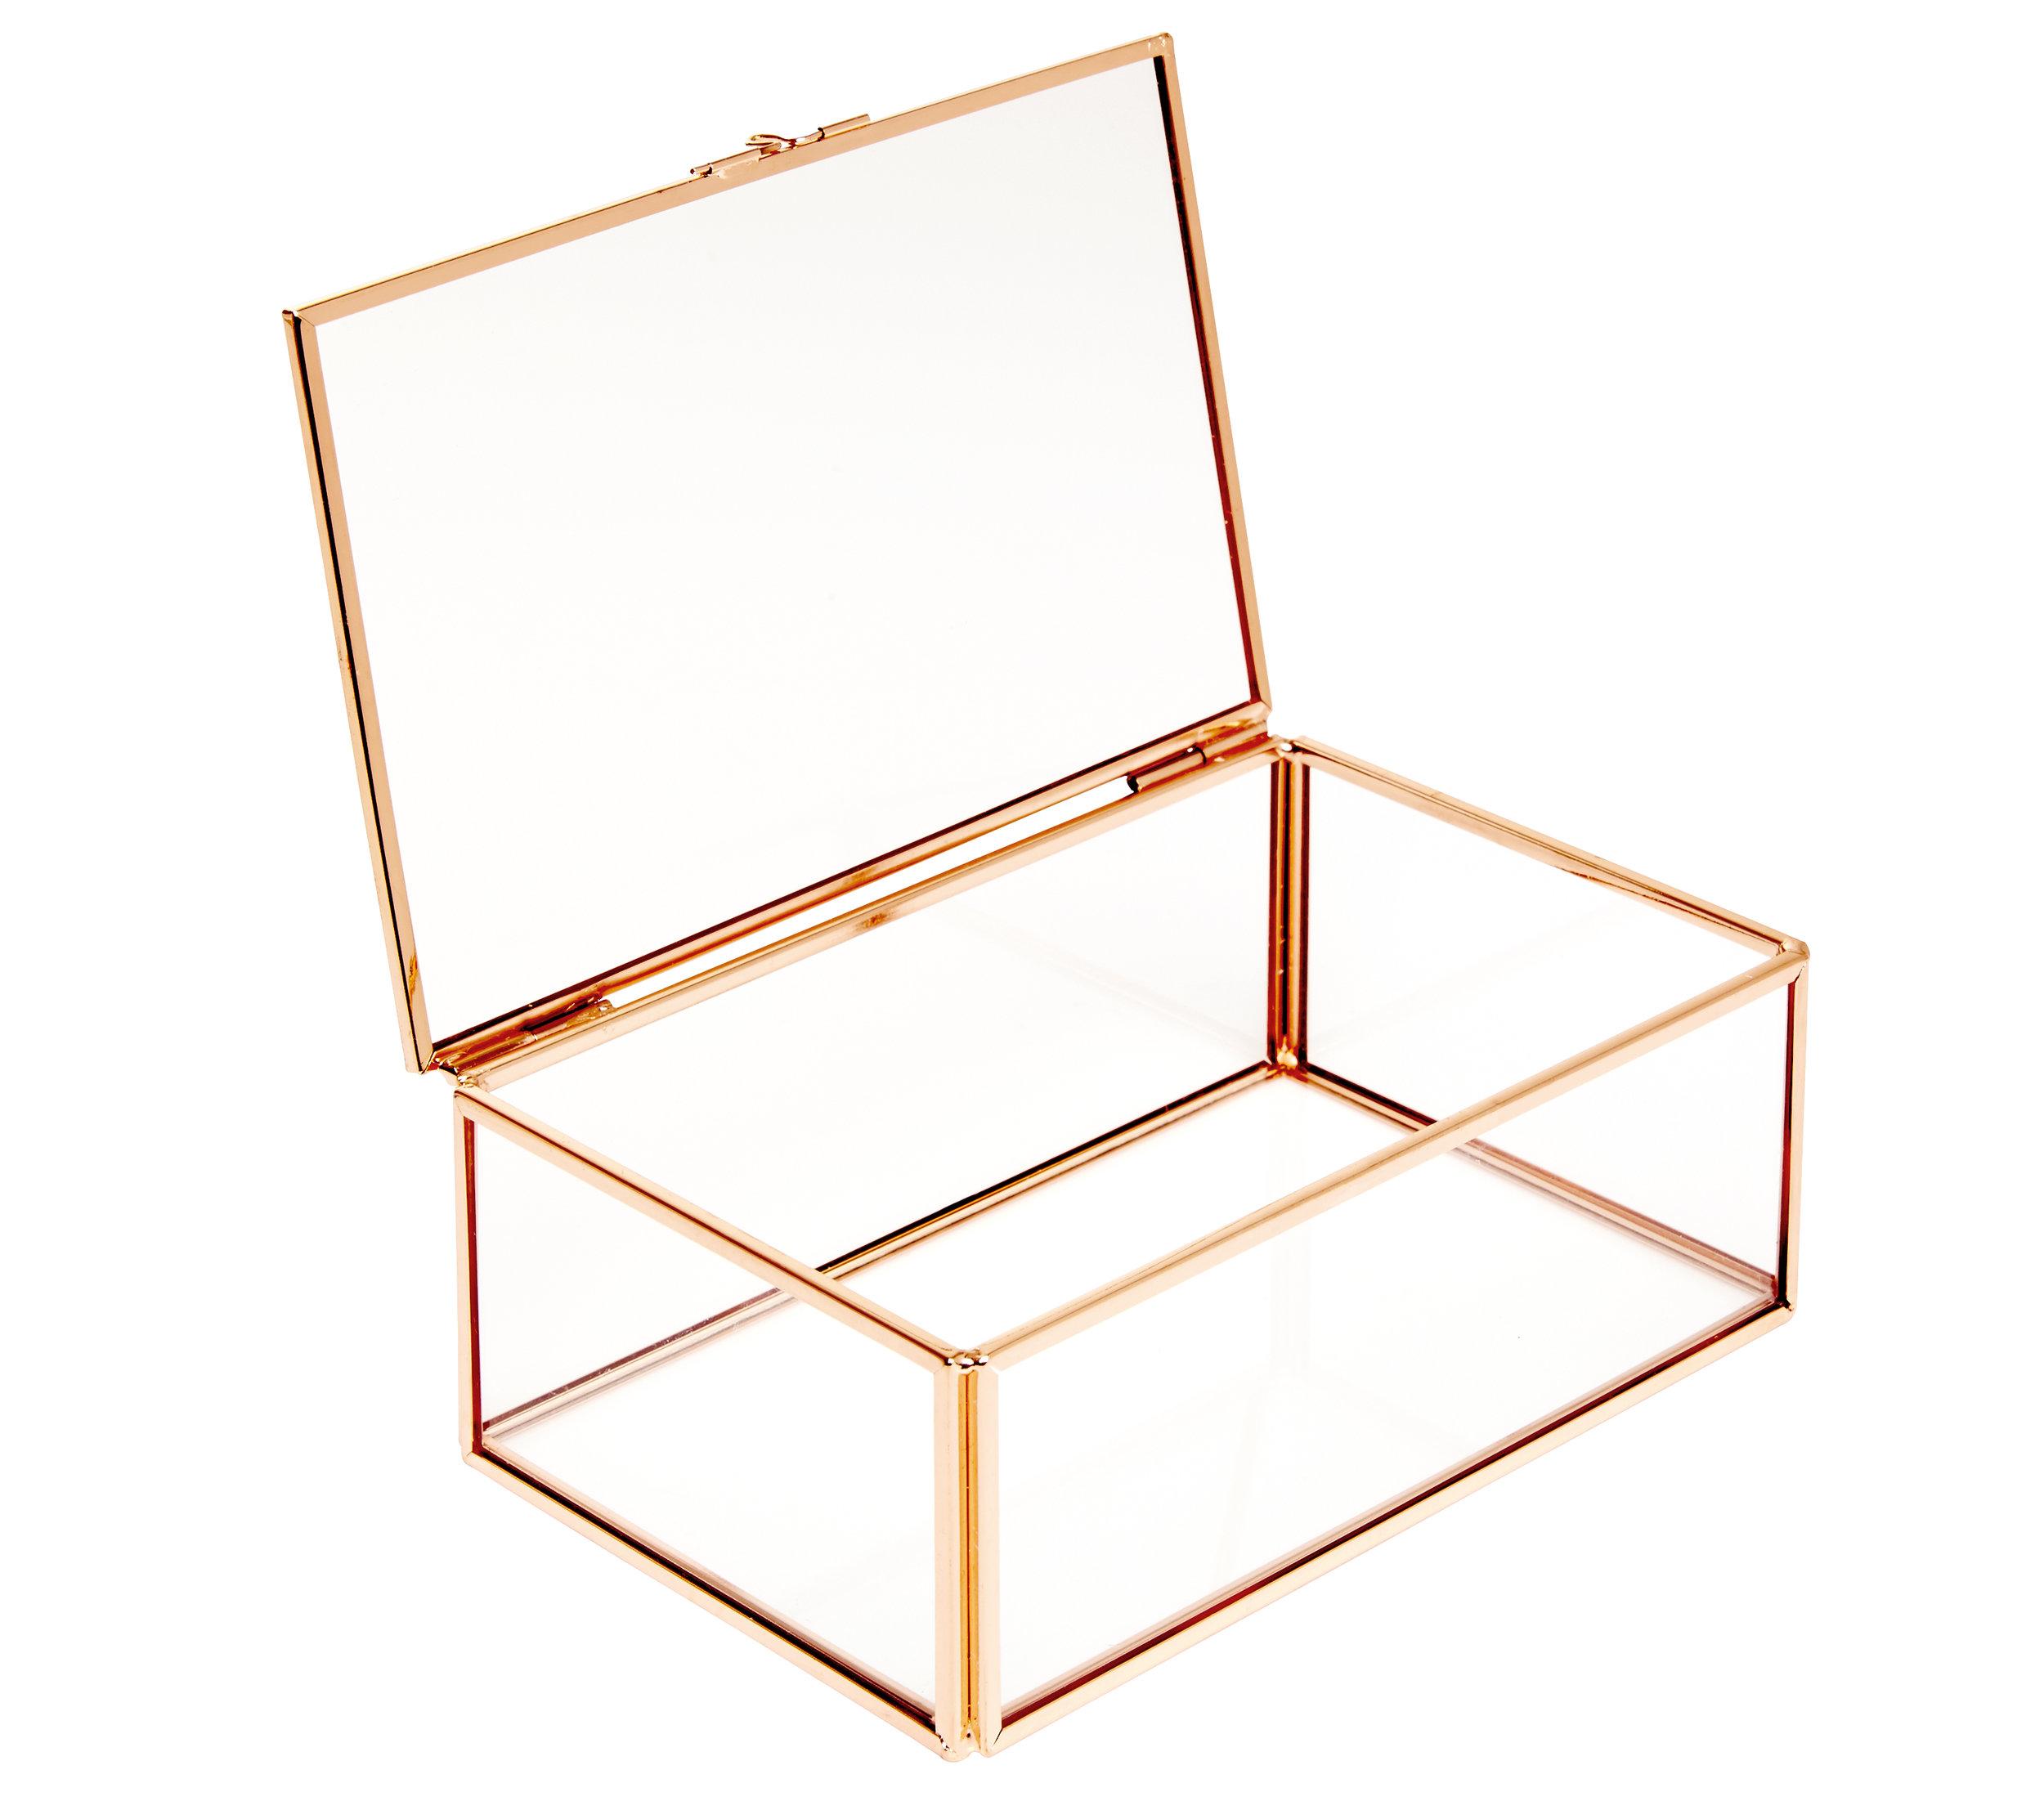 DISPLAY BOX LARGE: SVENSKA HEM £24.00